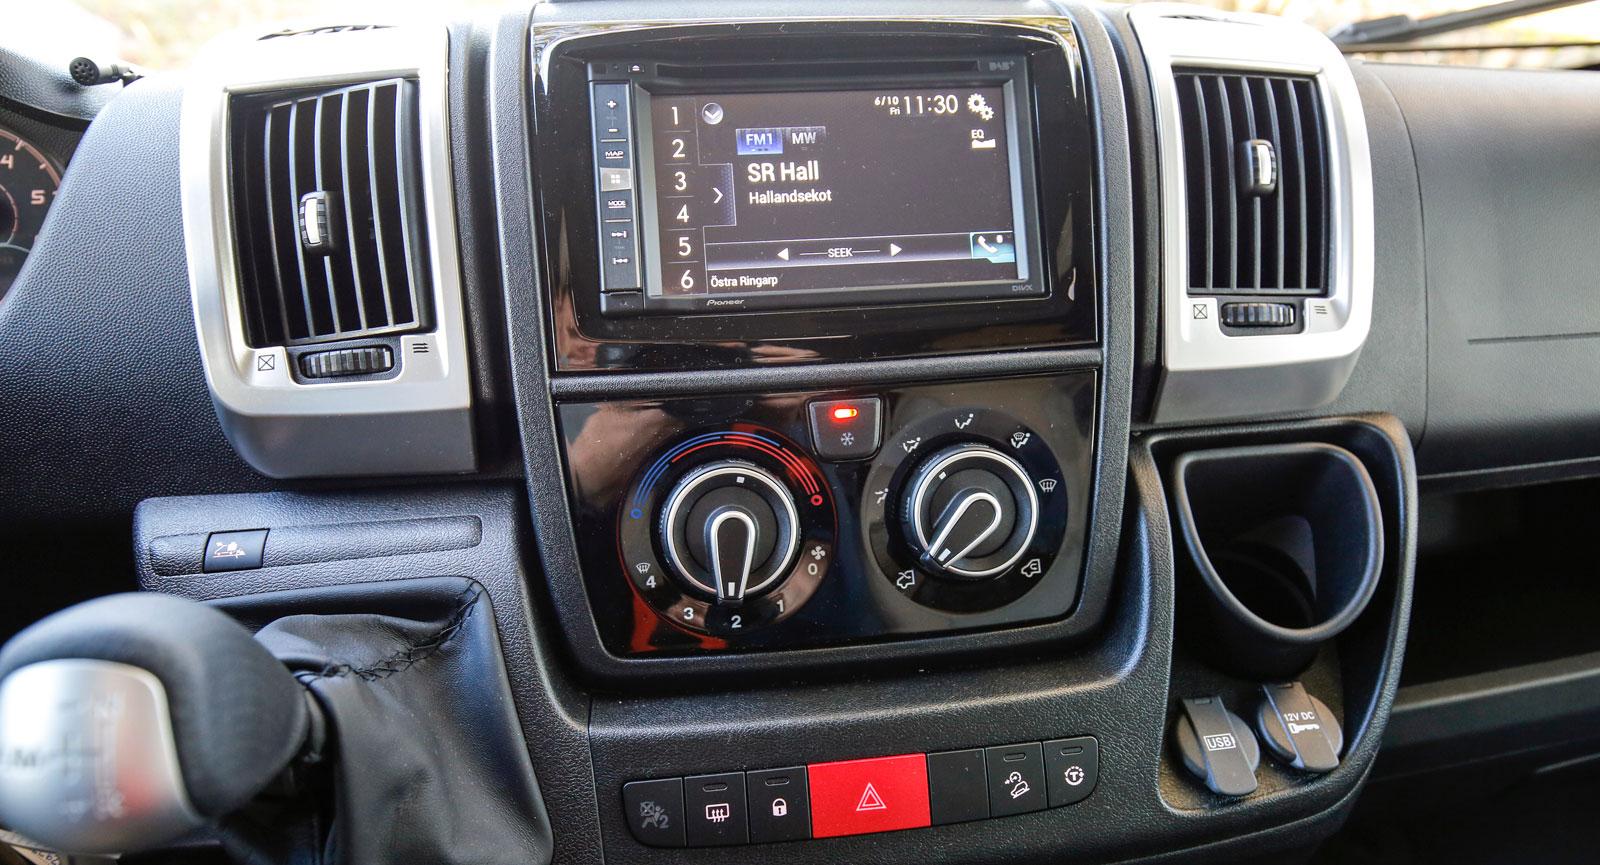 Radio, navigering och värmereglage sitter bekvämt mitt på instrumentpanelen.